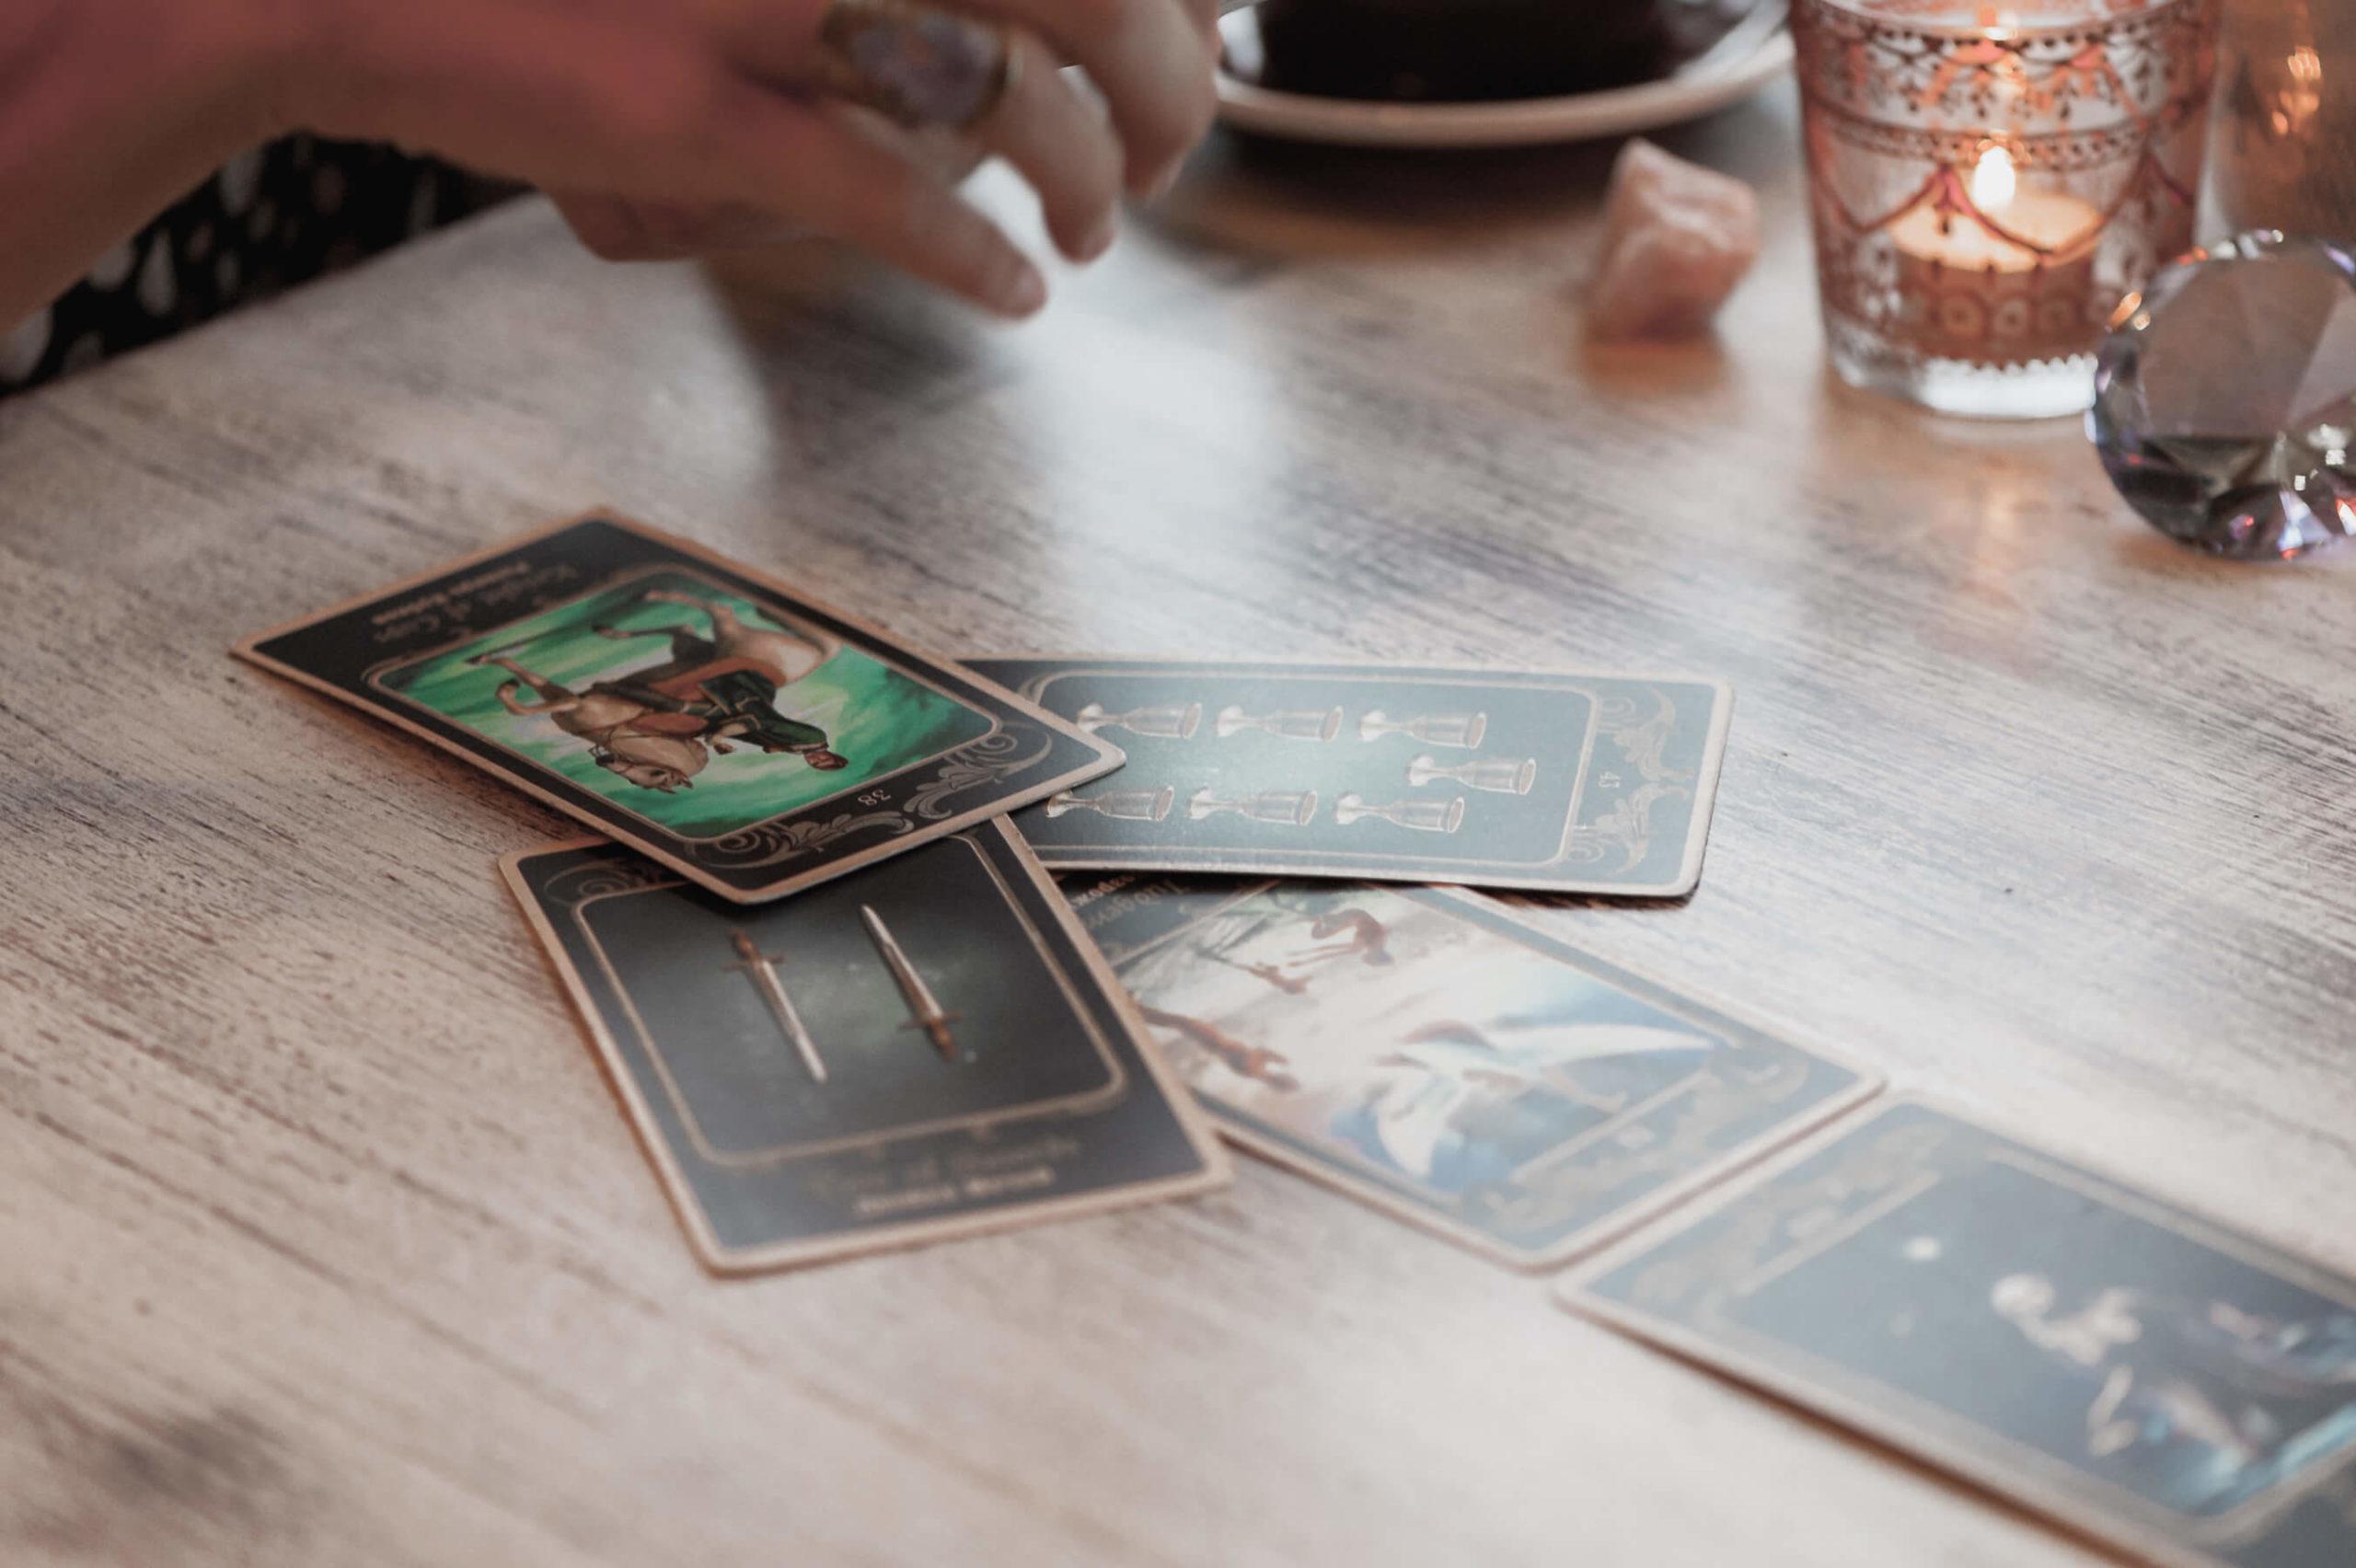 La voyance et la divination pratiques des voyants et médiums dans le cabinet de wicca voyance